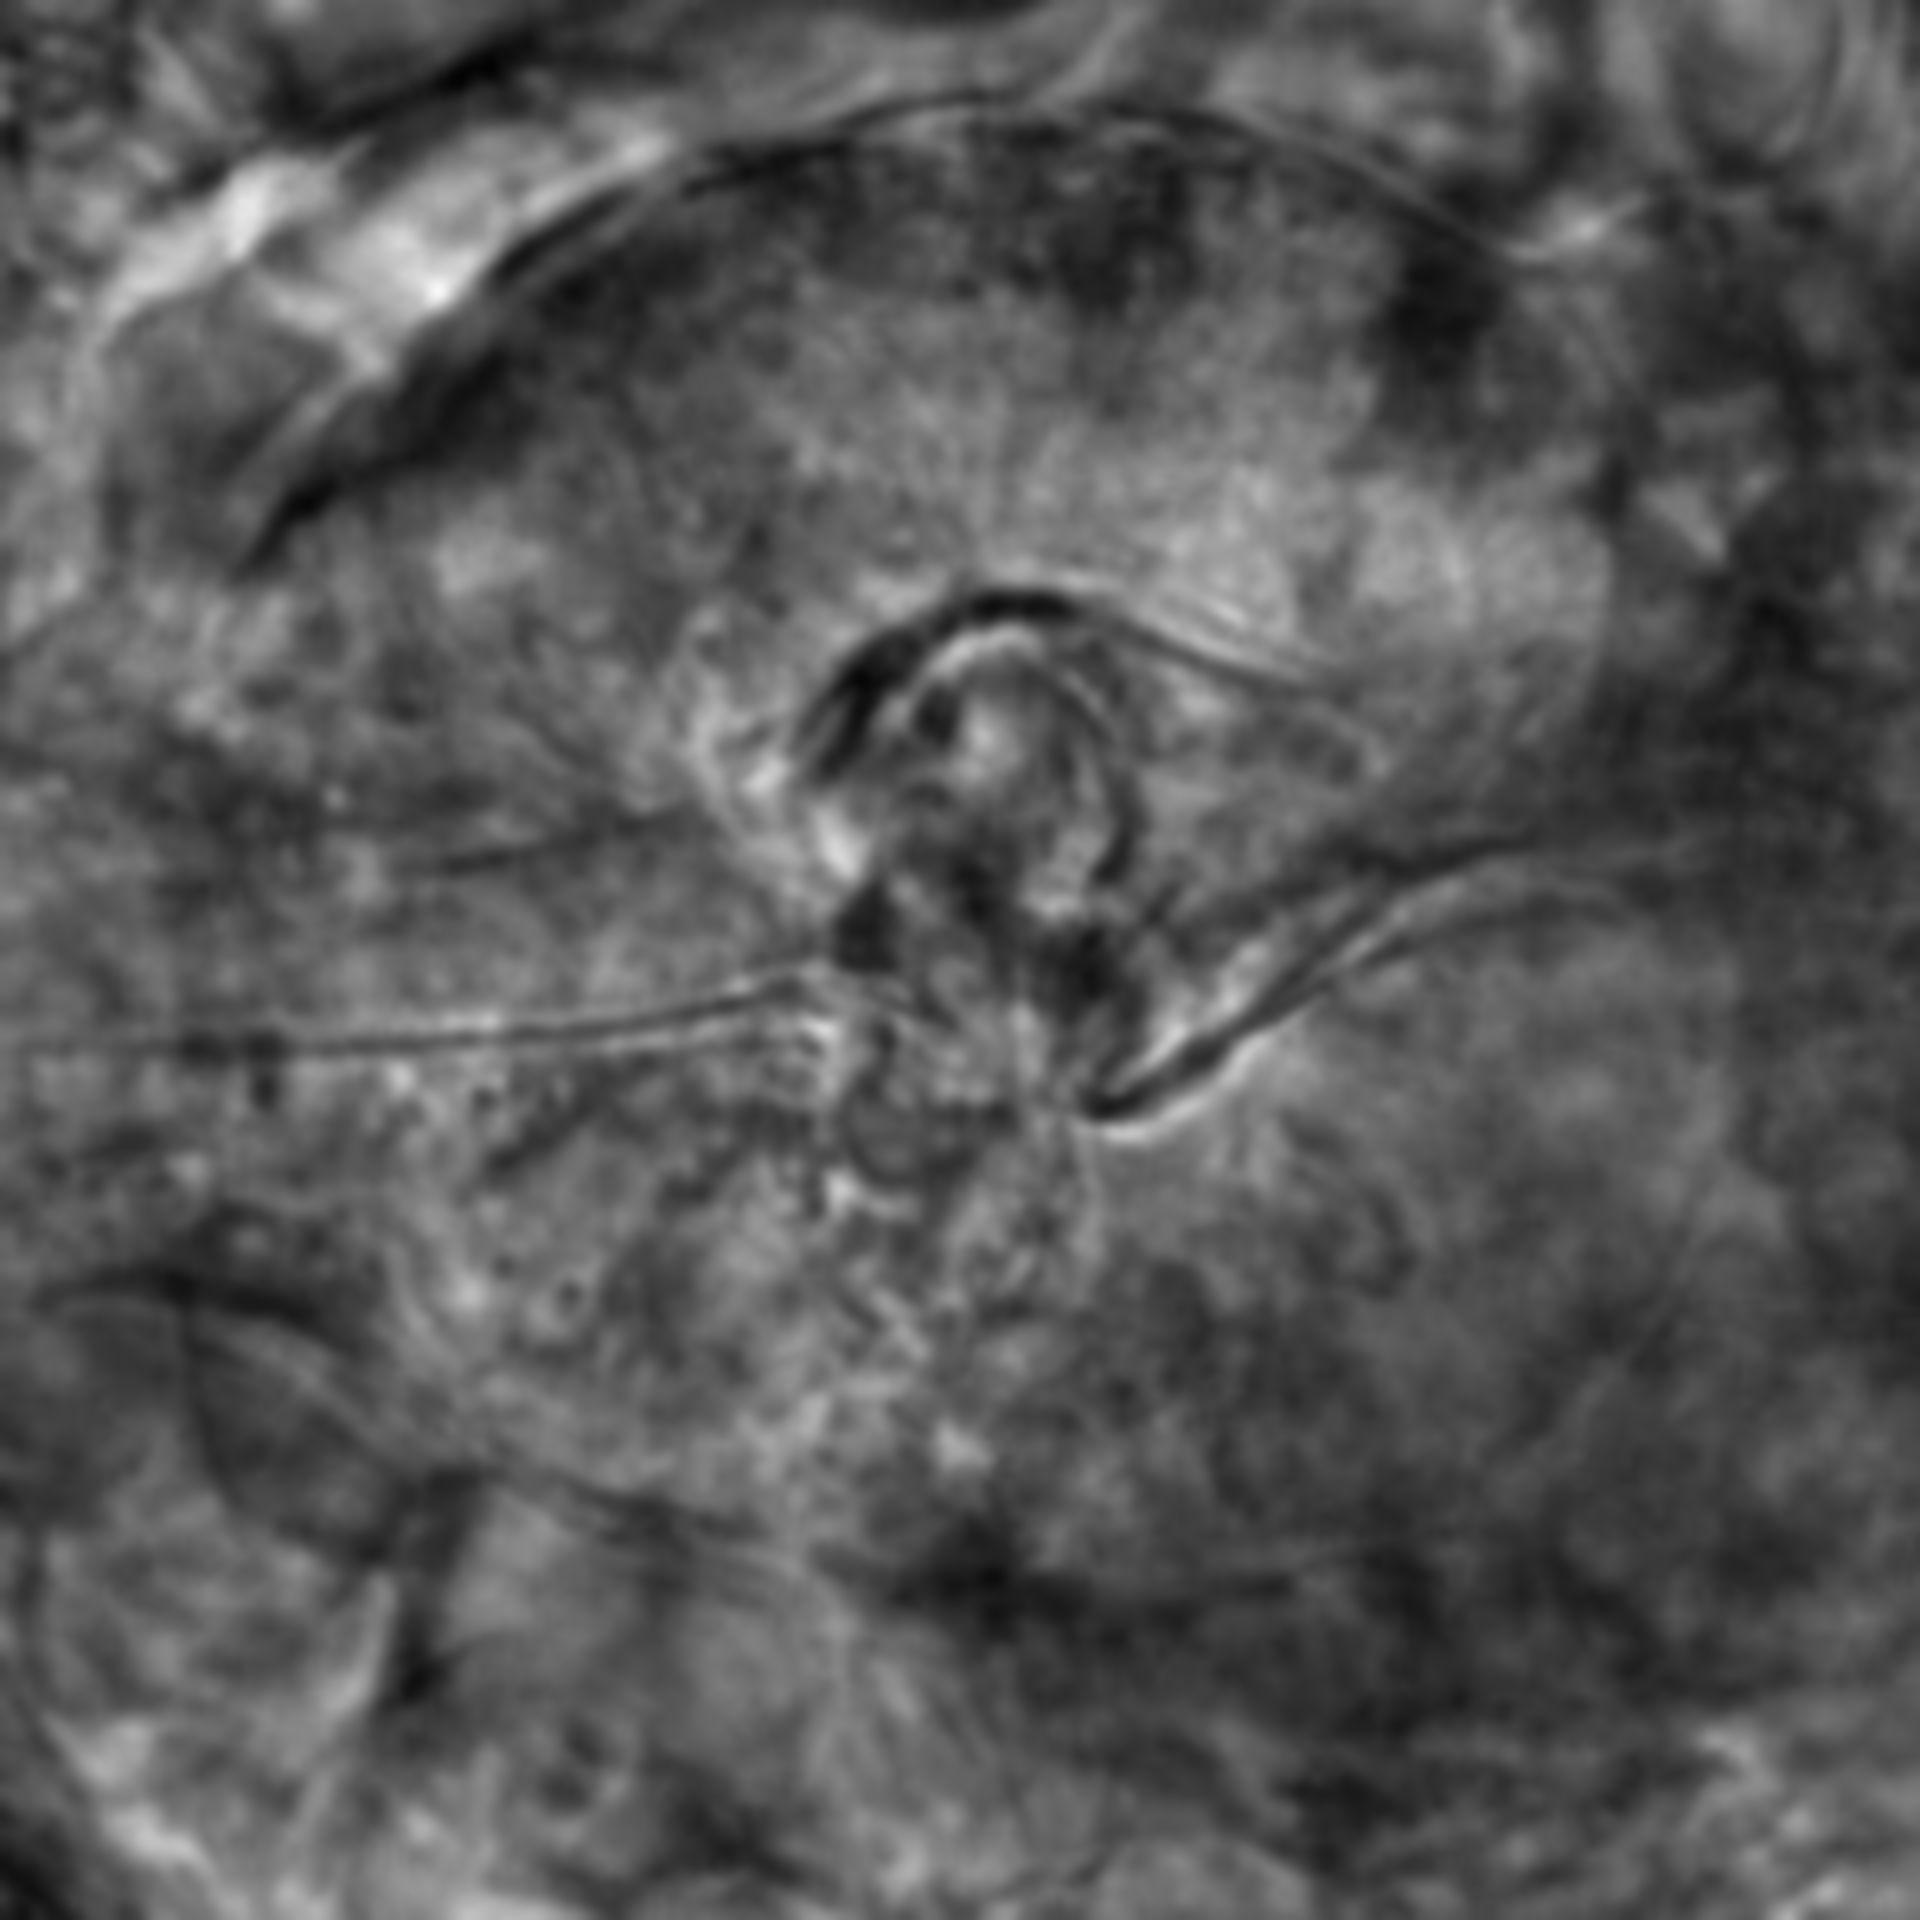 Caenorhabditis elegans - CIL:2561